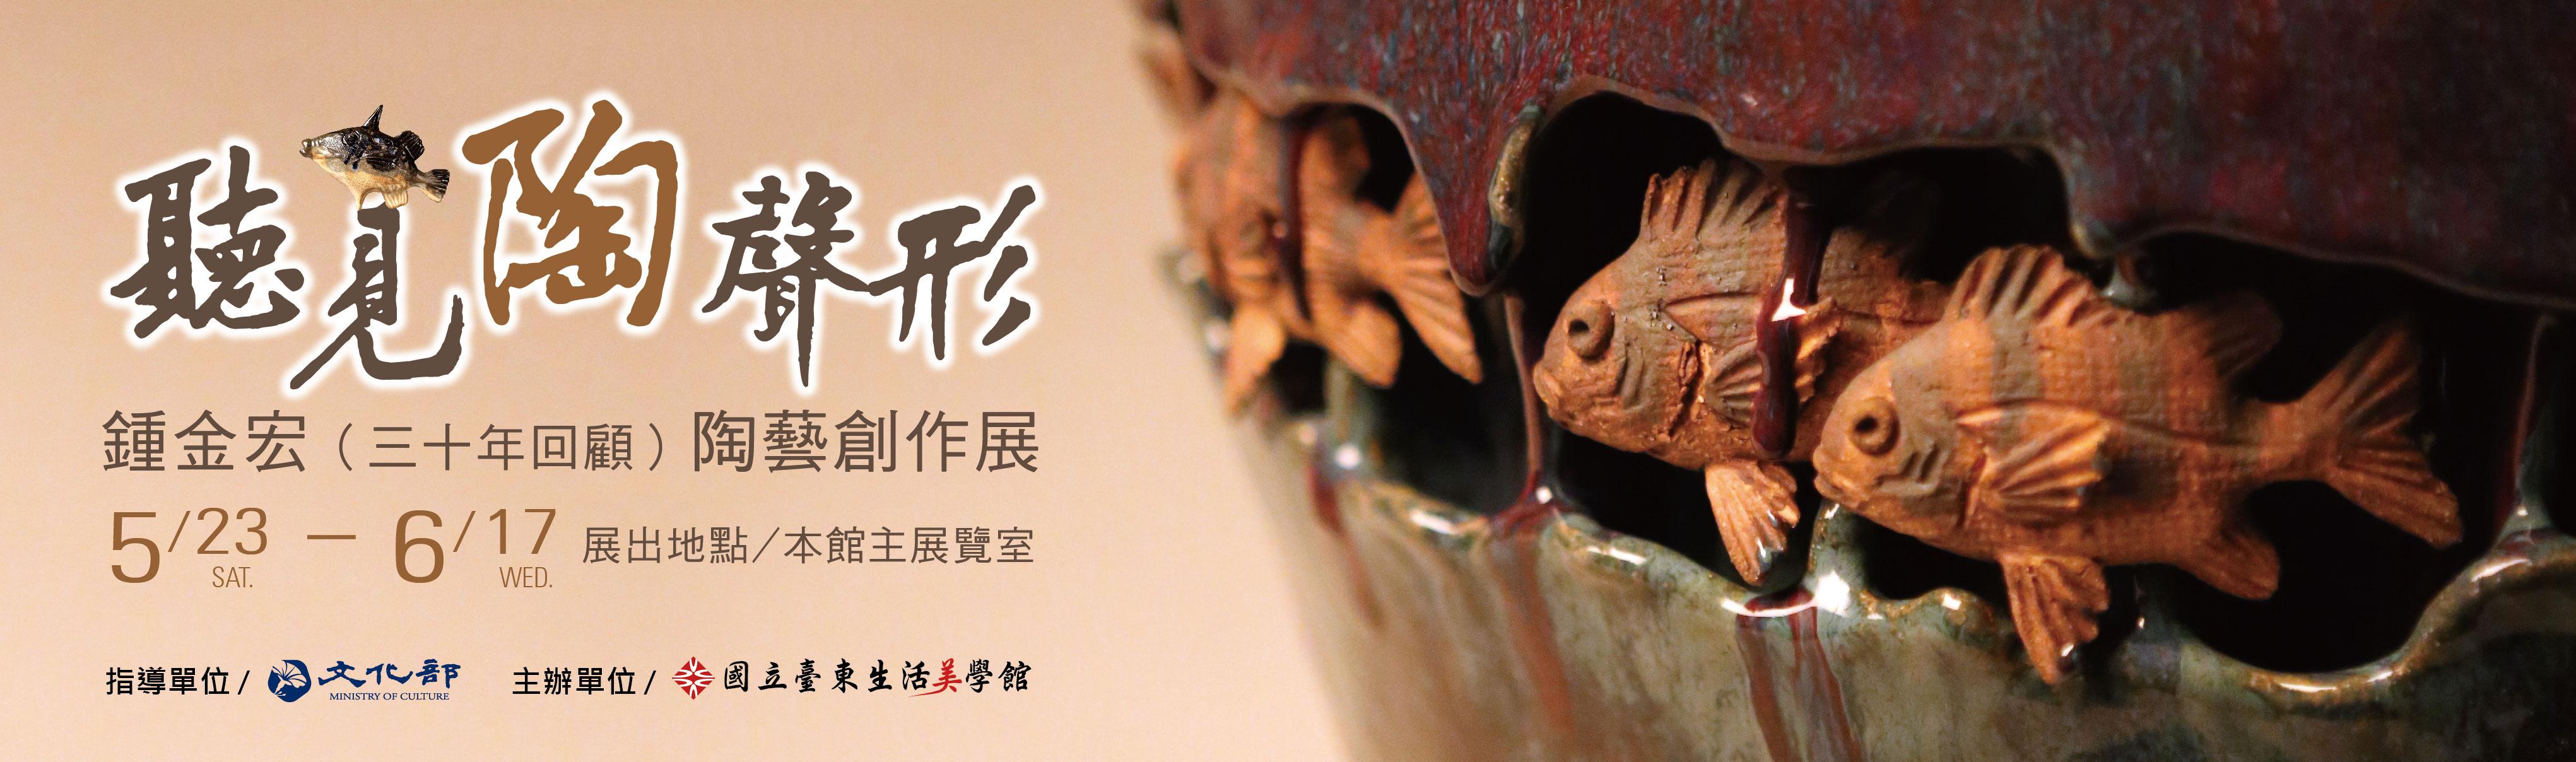 聽見陶聲形-鍾金宏(三十年回顧)陶藝創作展